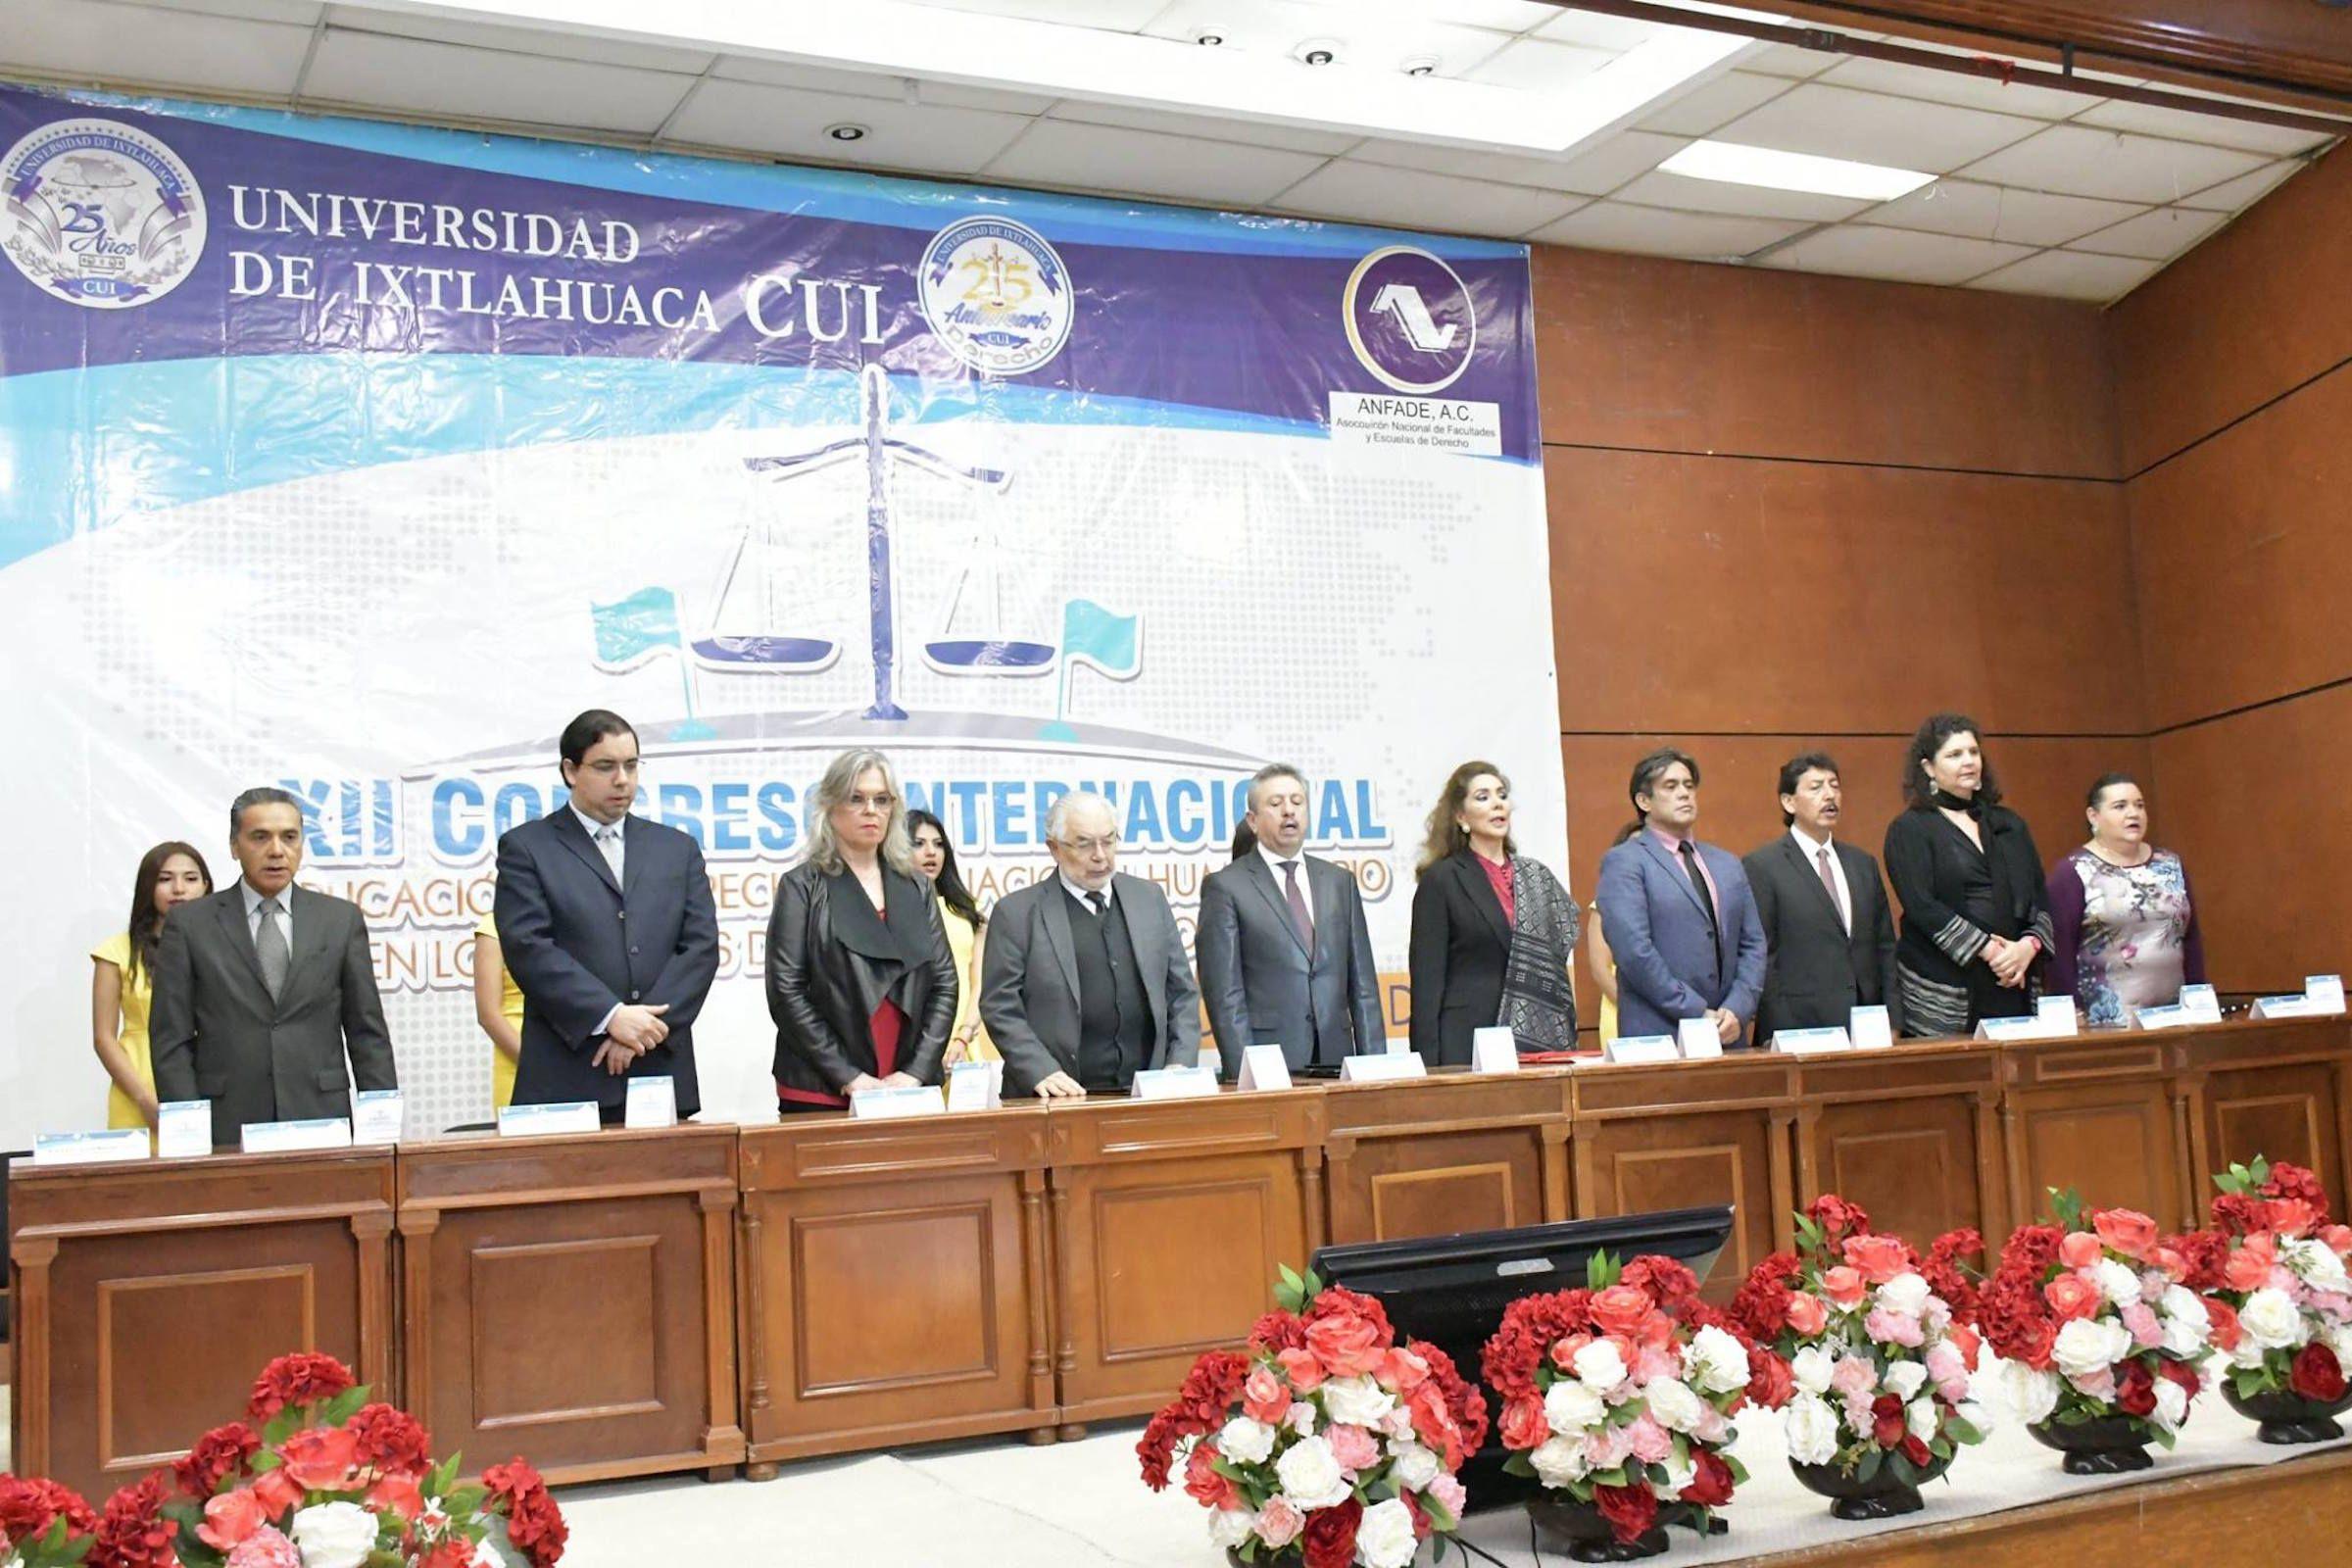 Expertos en Derecho Internacional de México, Chile y Venezuela han participado en este Congreso, celebrado en la Universidad de Ixtlahuaca CUI.